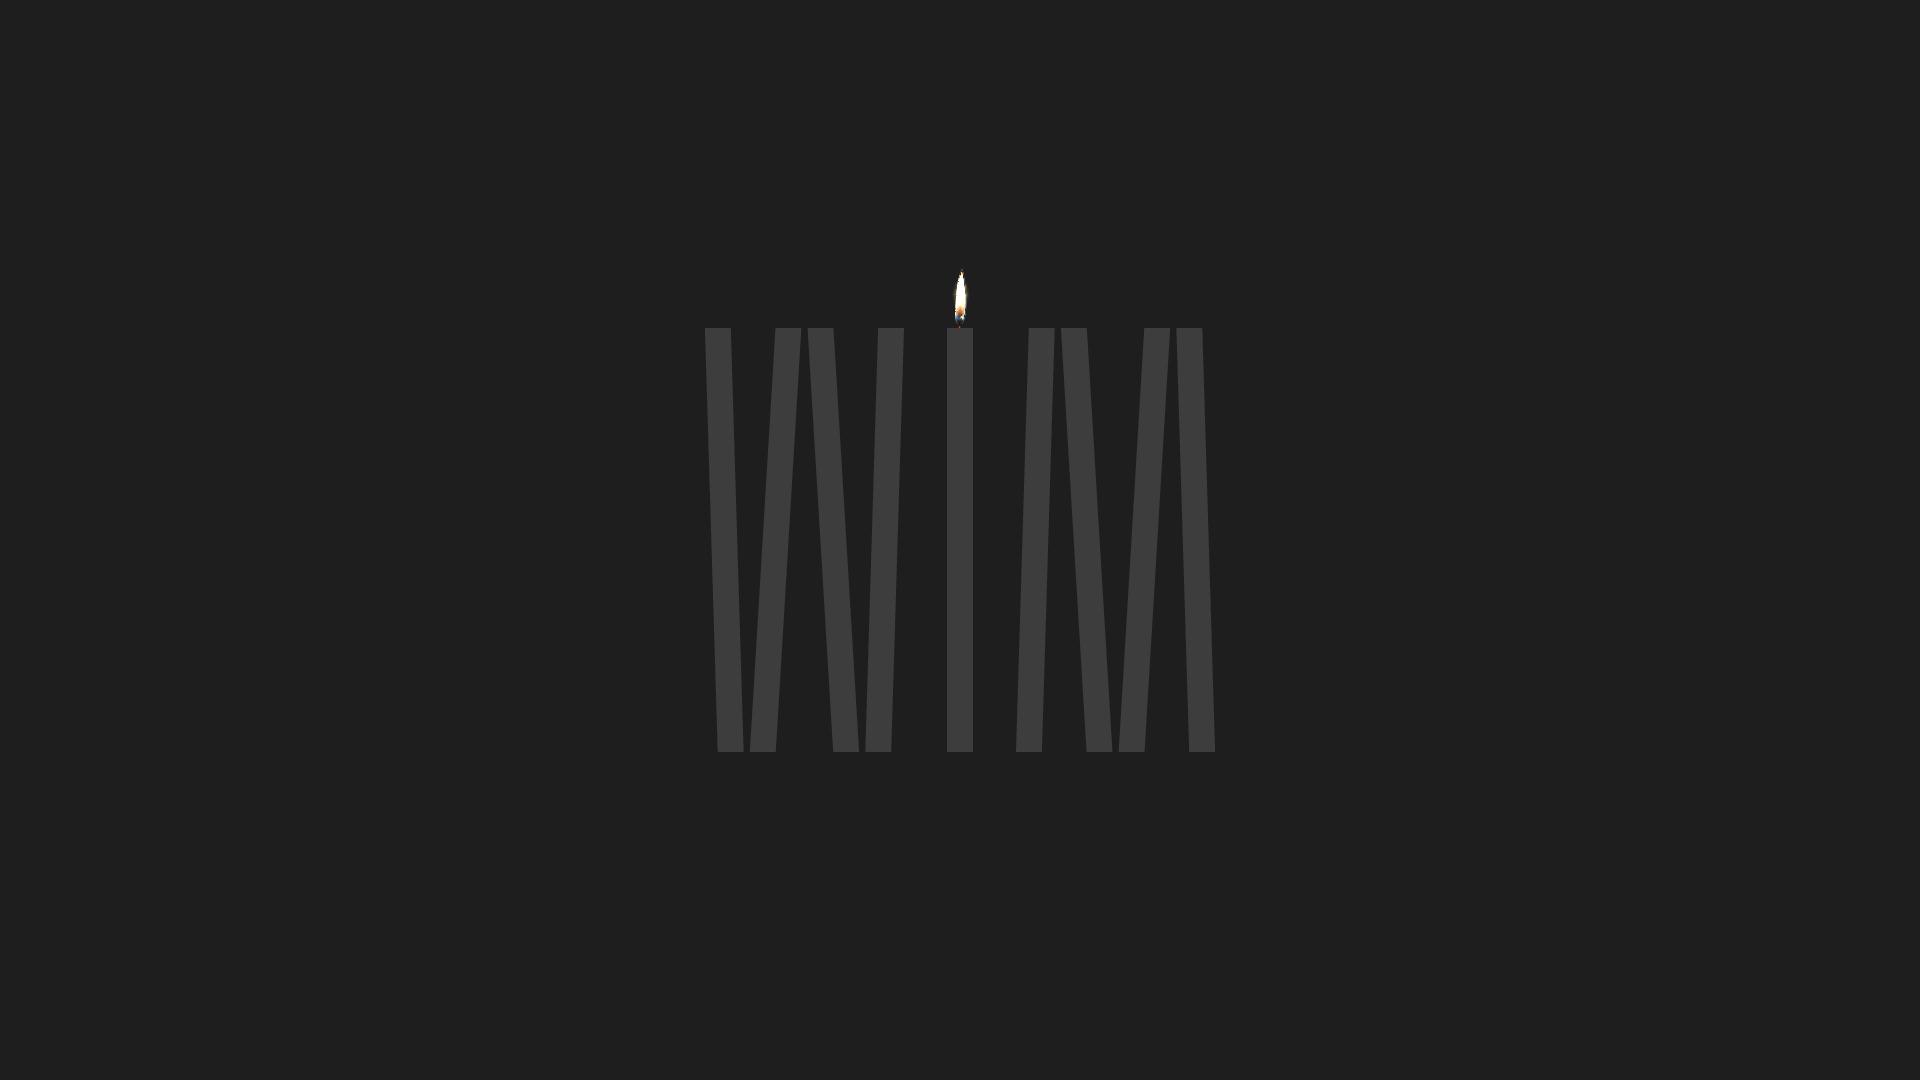 WIM_16x9-01